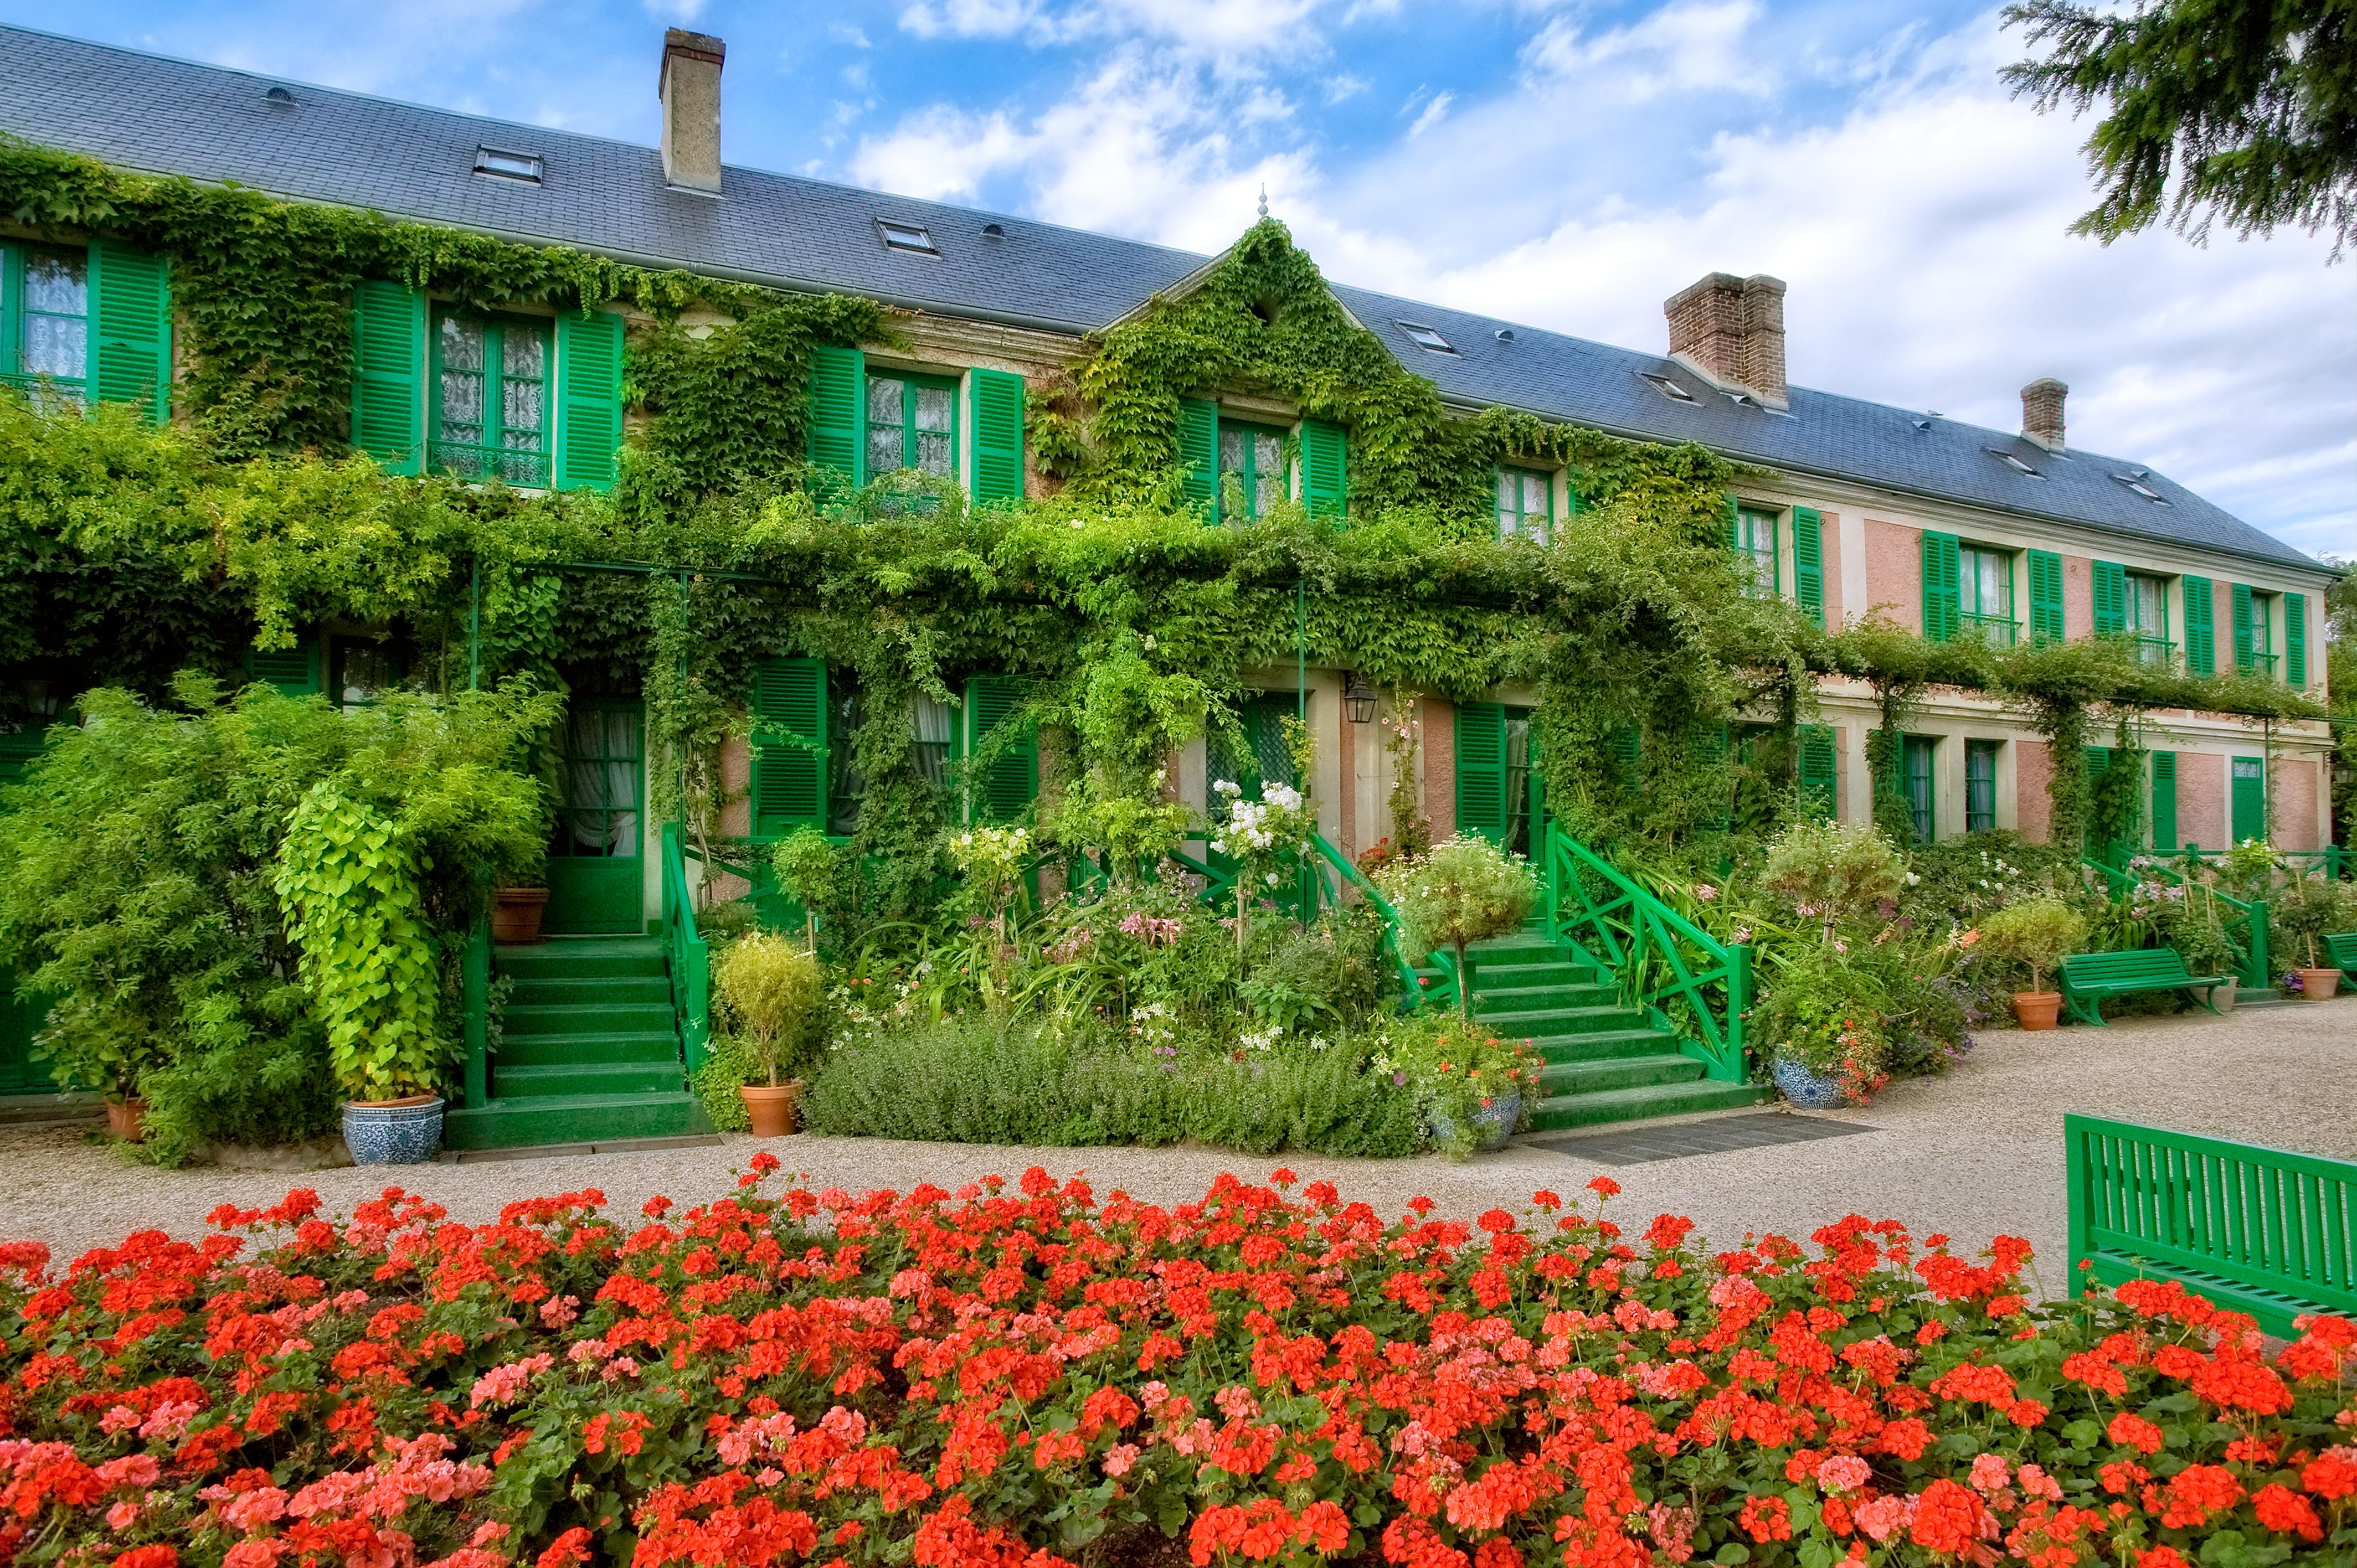 La_Maison_vue_du_Clos_Normand Unique De Parterre De Fleurs Devant Maison Schème